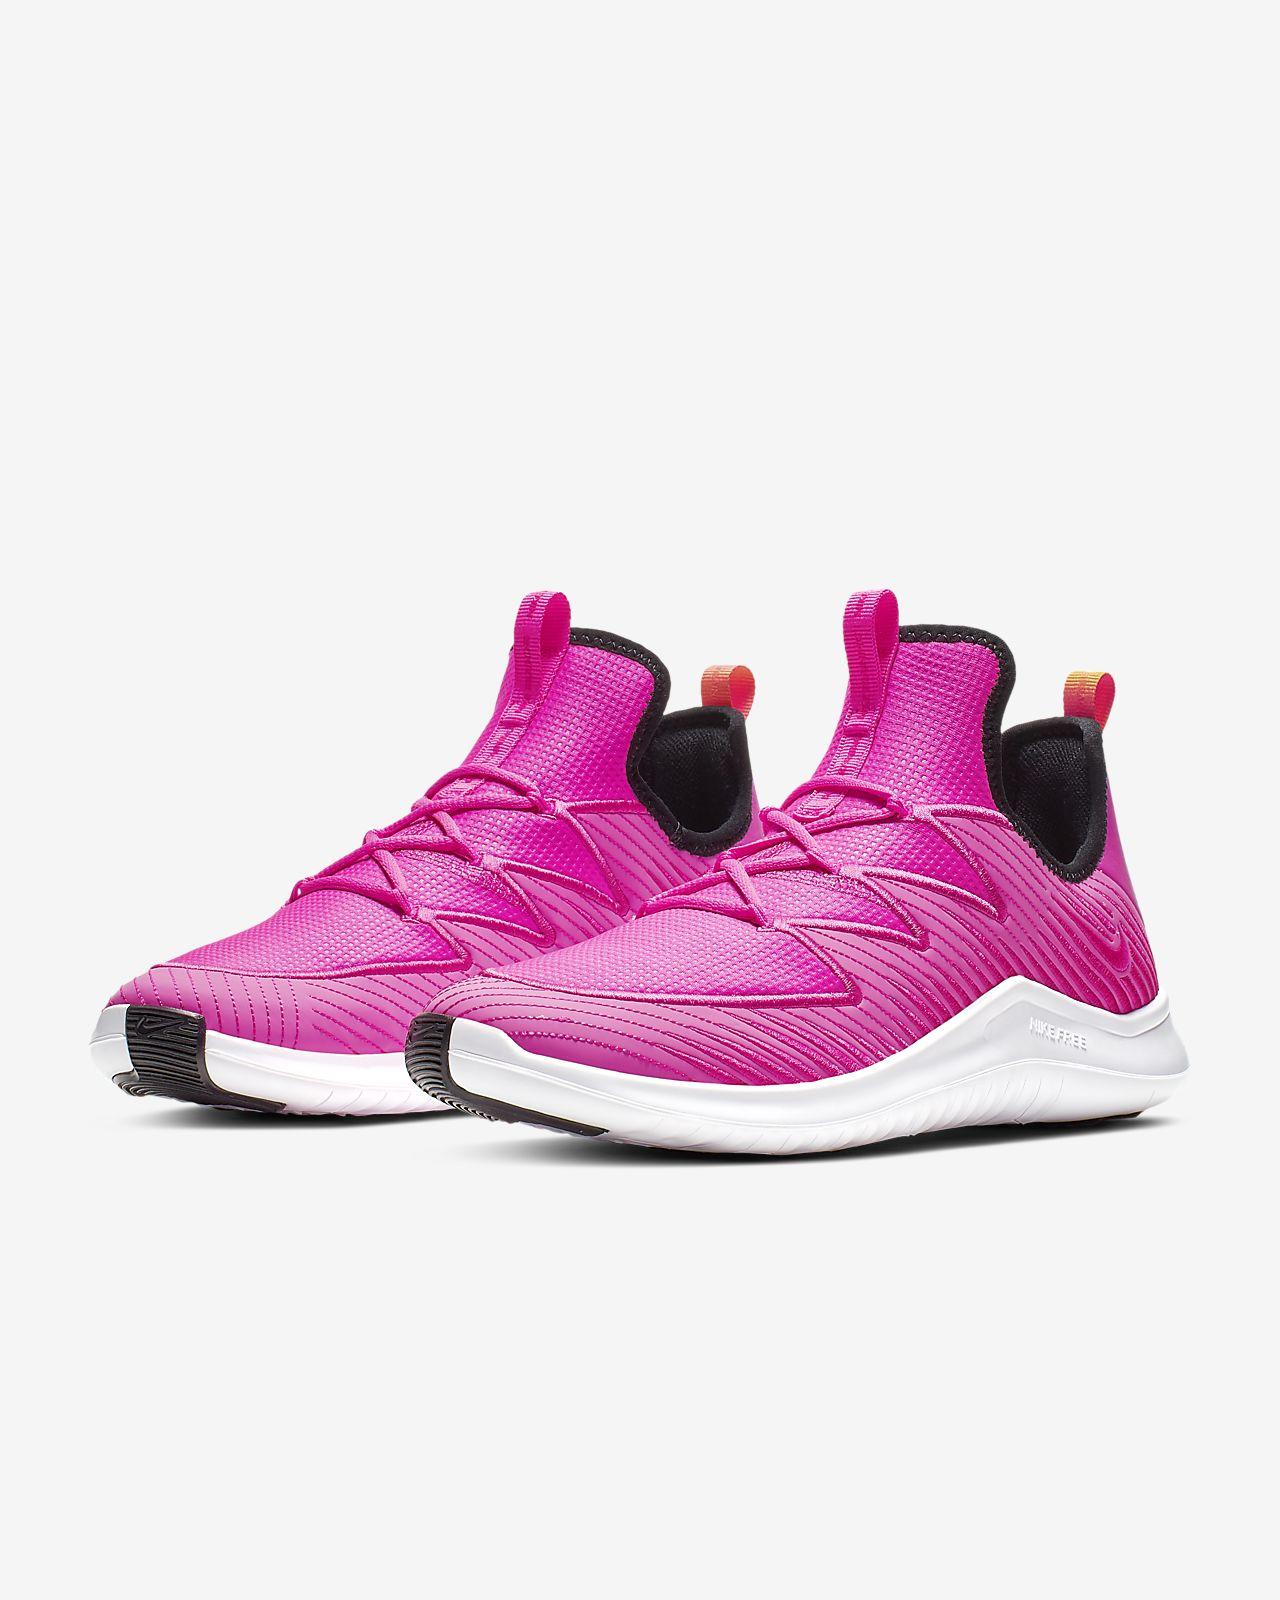 hot sale online 441db 723f4 ... Nike Free TR Ultra Women s Training Shoe